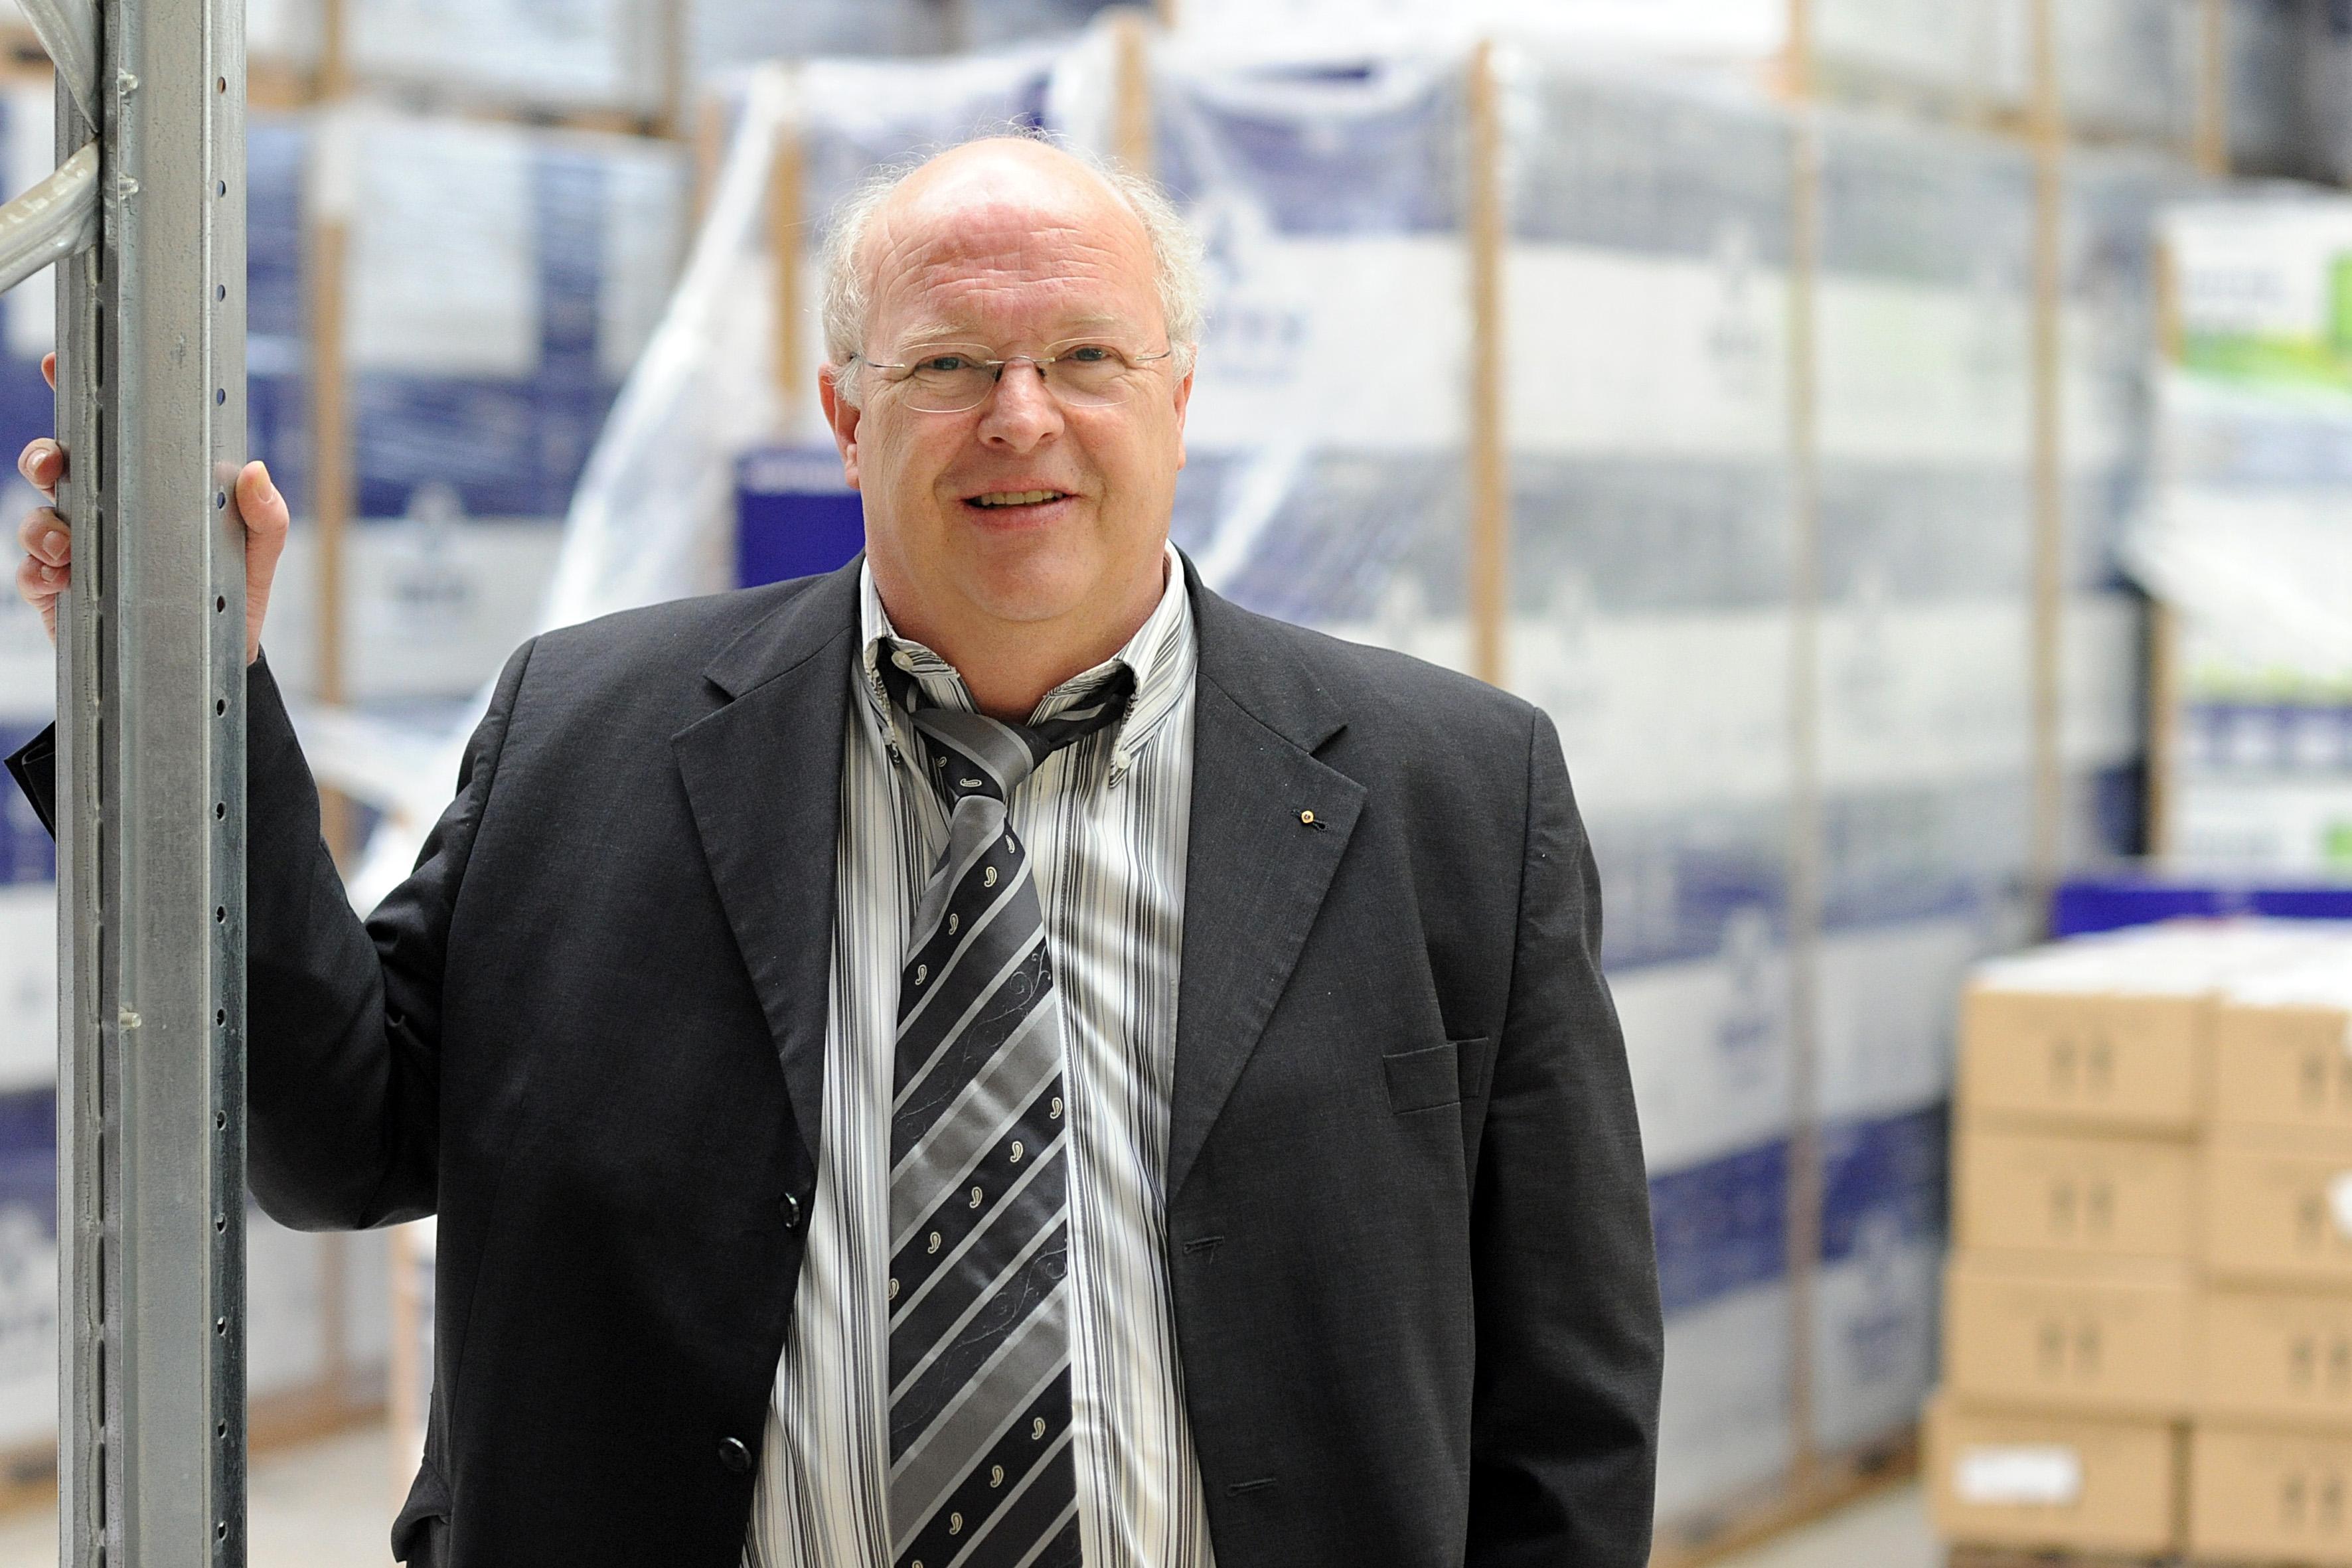 Siegbert Wortmann, Vorstandsvorsitzender der Wortmann AG  freut sich über die positive Halbjahresbilanz (Foto: WORTMANN Gruppe)